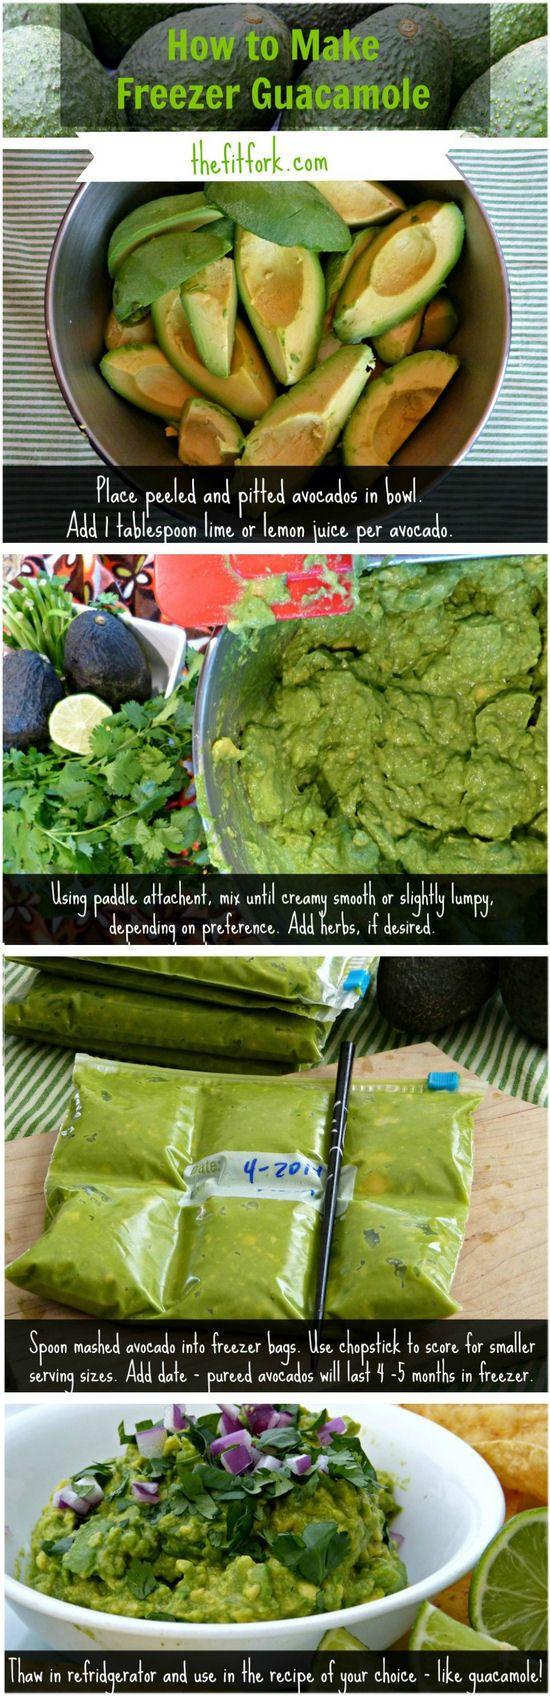 Guacamole - How to Freeze  ____________  http://thefitfork.com/avocadomg-how-to-freeze-guacamole/